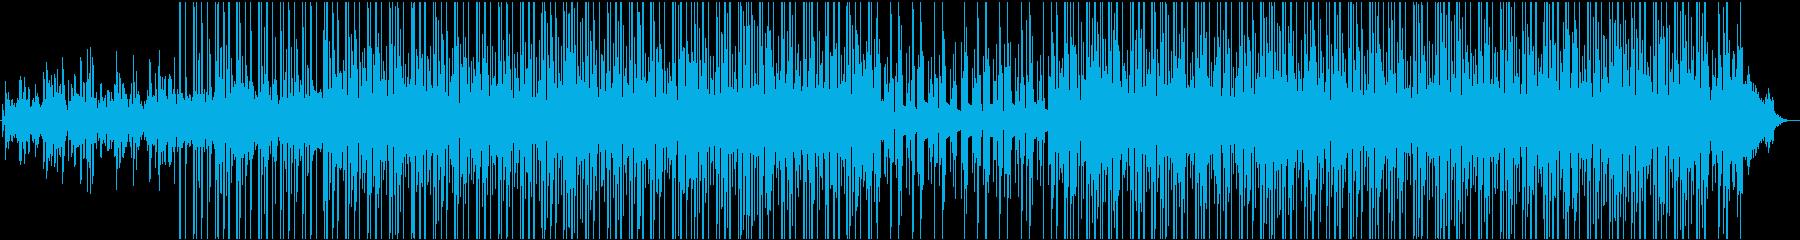 感謝の気持ちを伝えるときのBGMの再生済みの波形